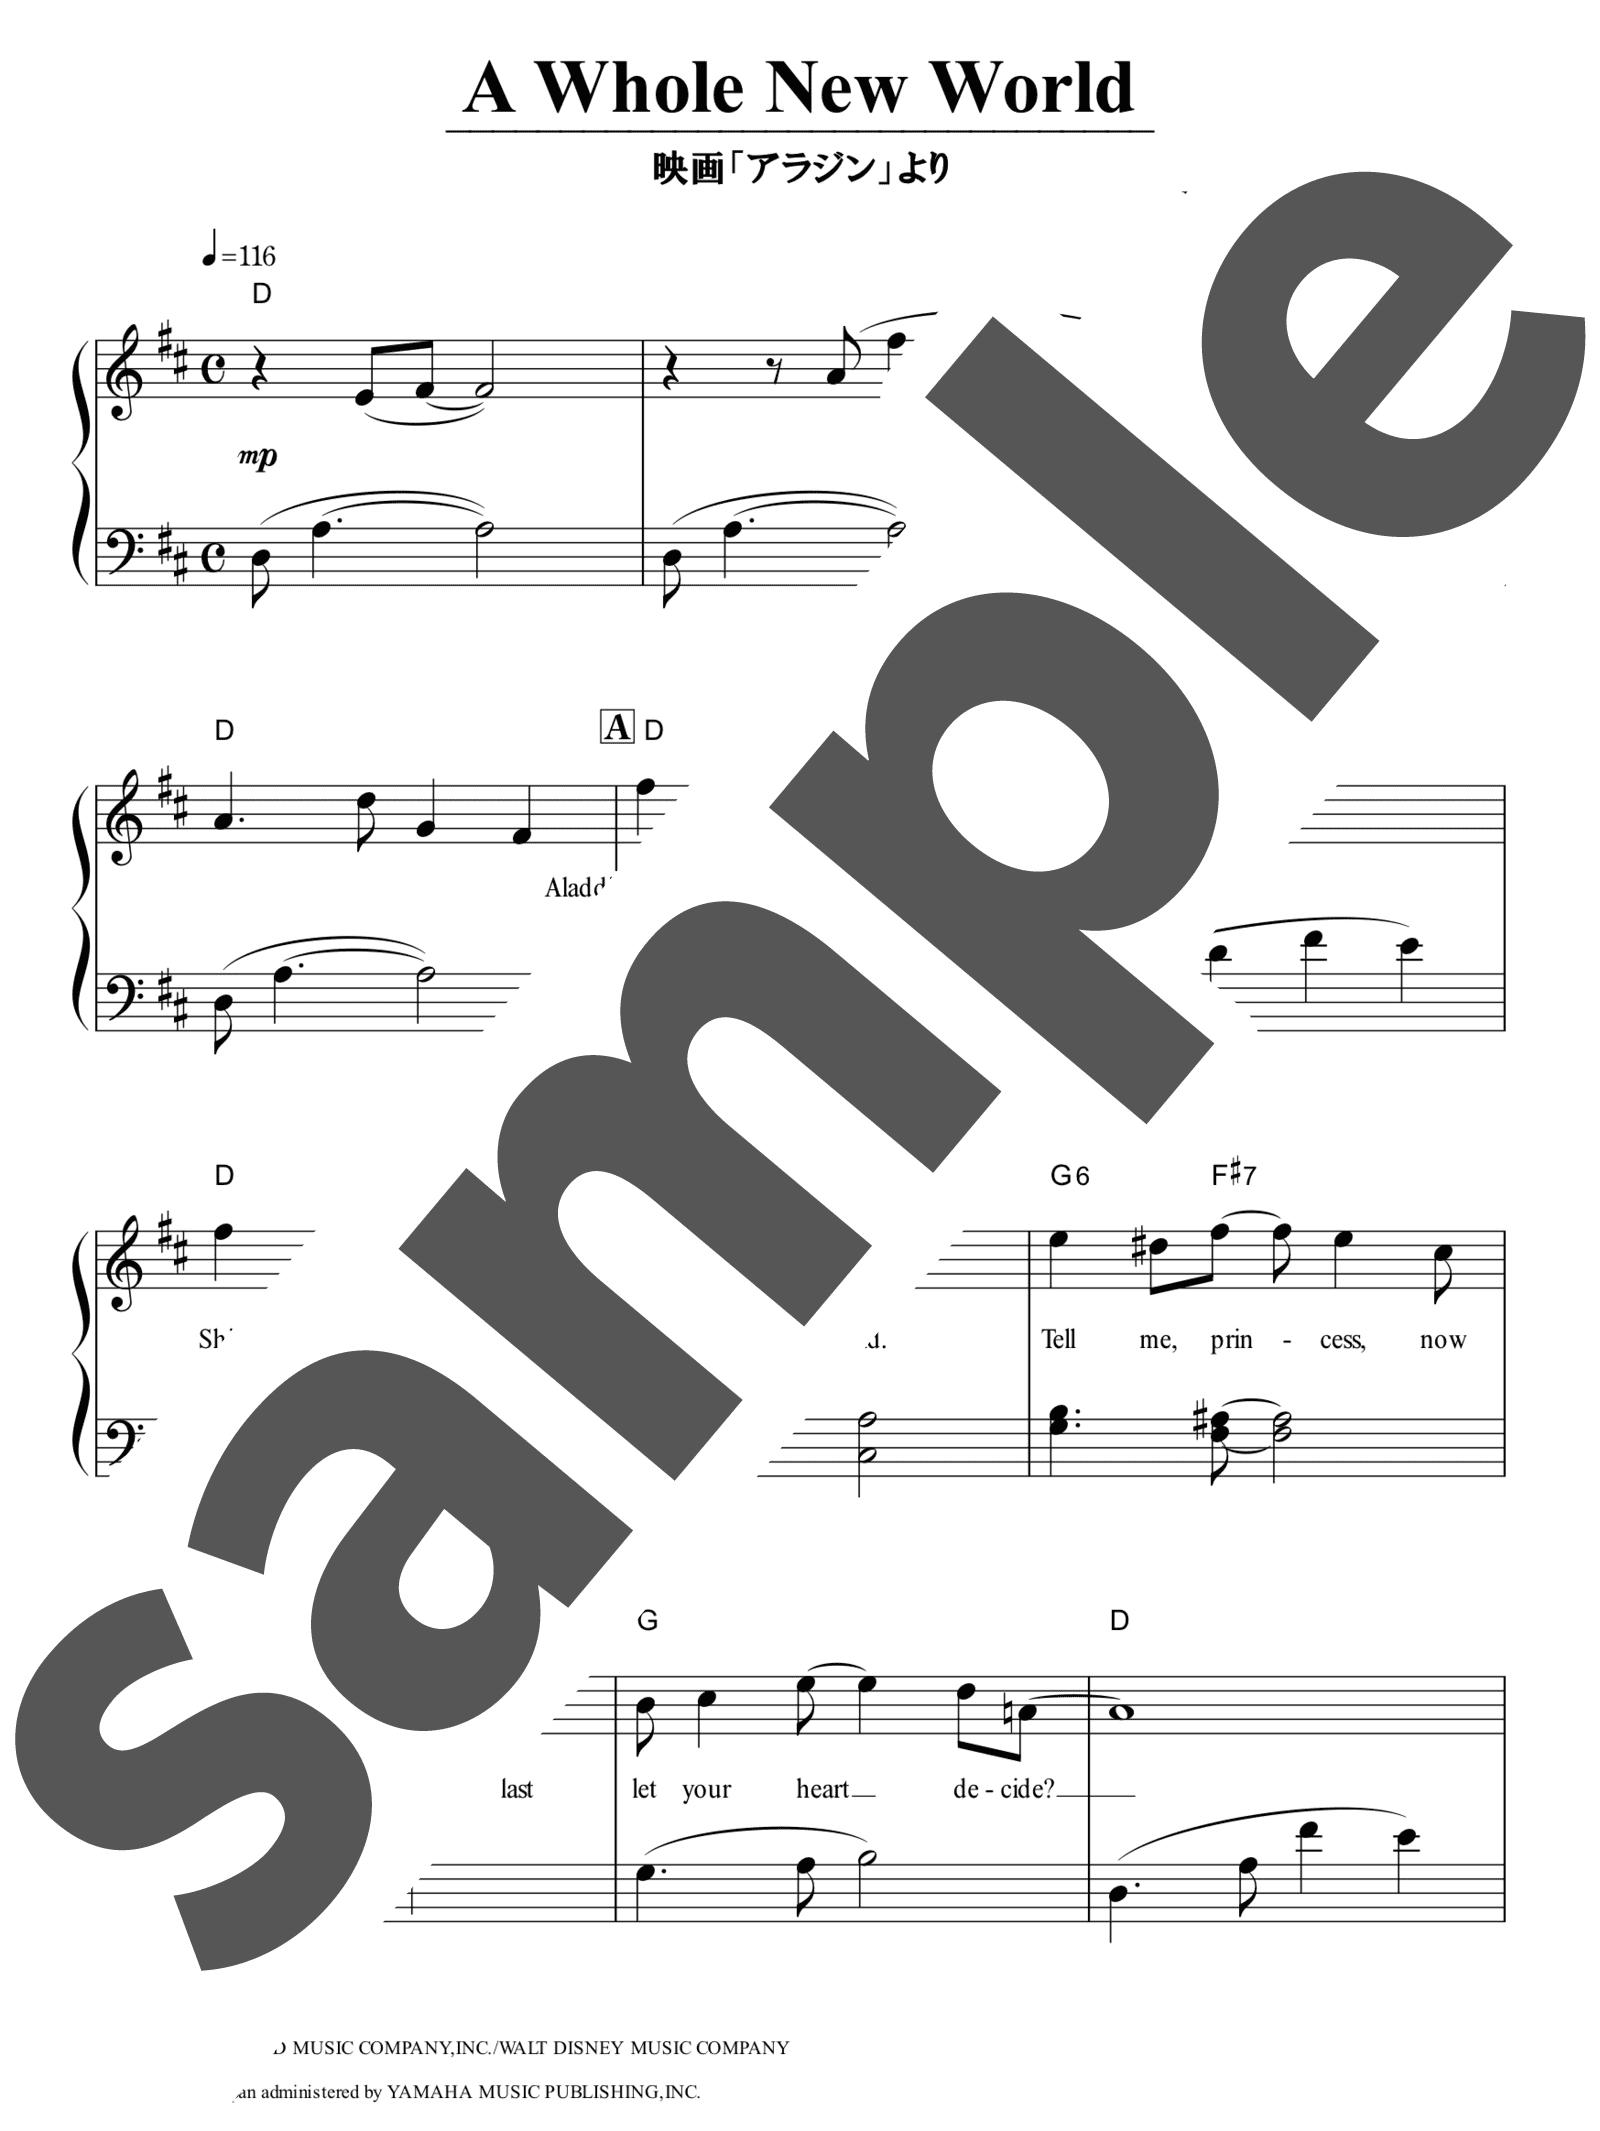 「ホール・ニュー・ワールド」のサンプル楽譜